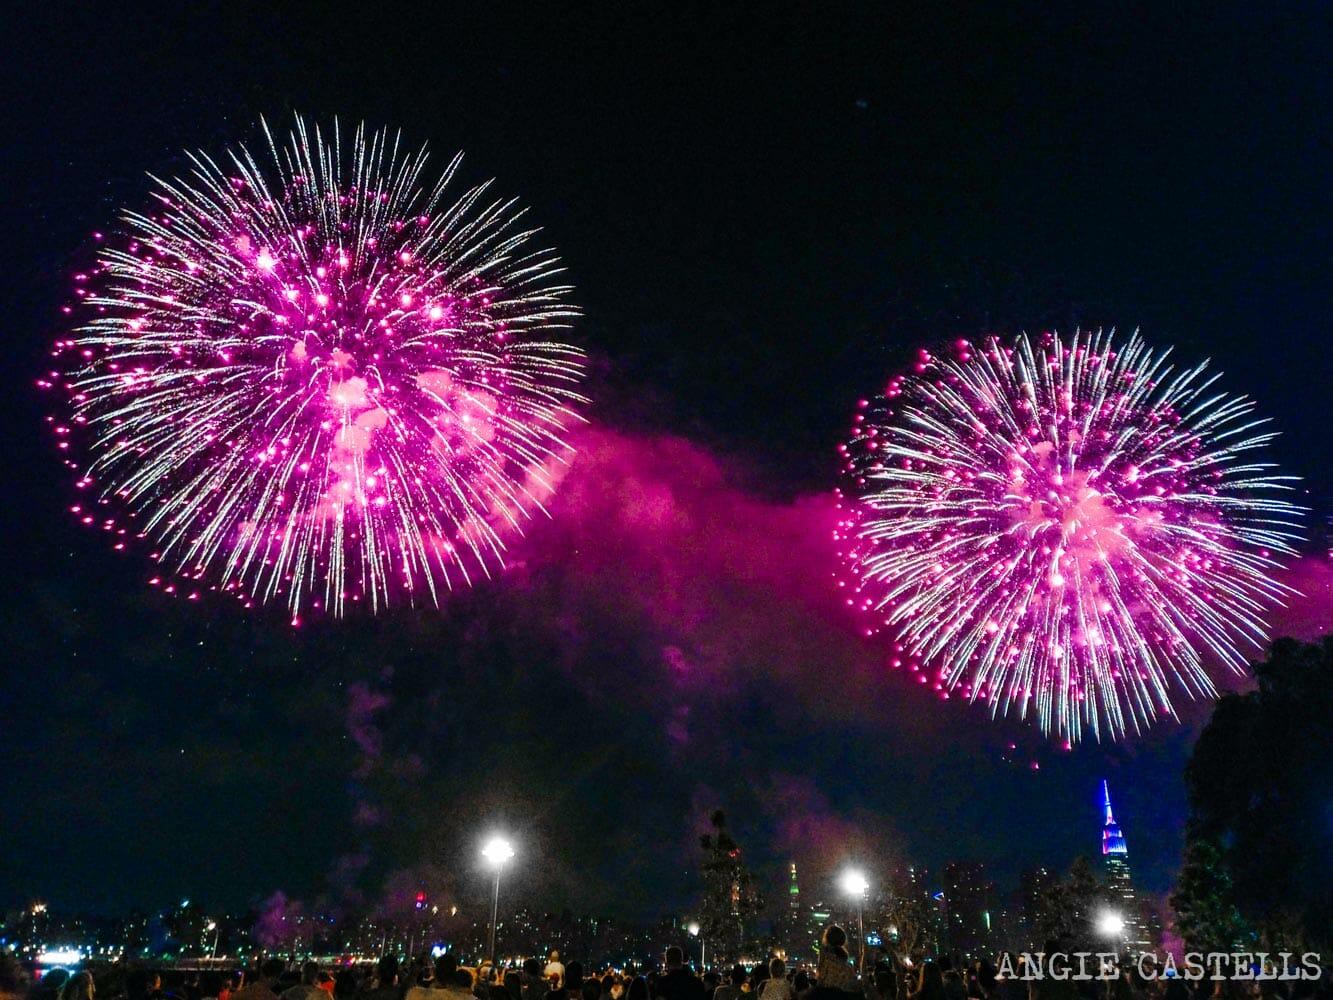 Fuegos artificiales para celebrar el 4 de julio en Nueva York